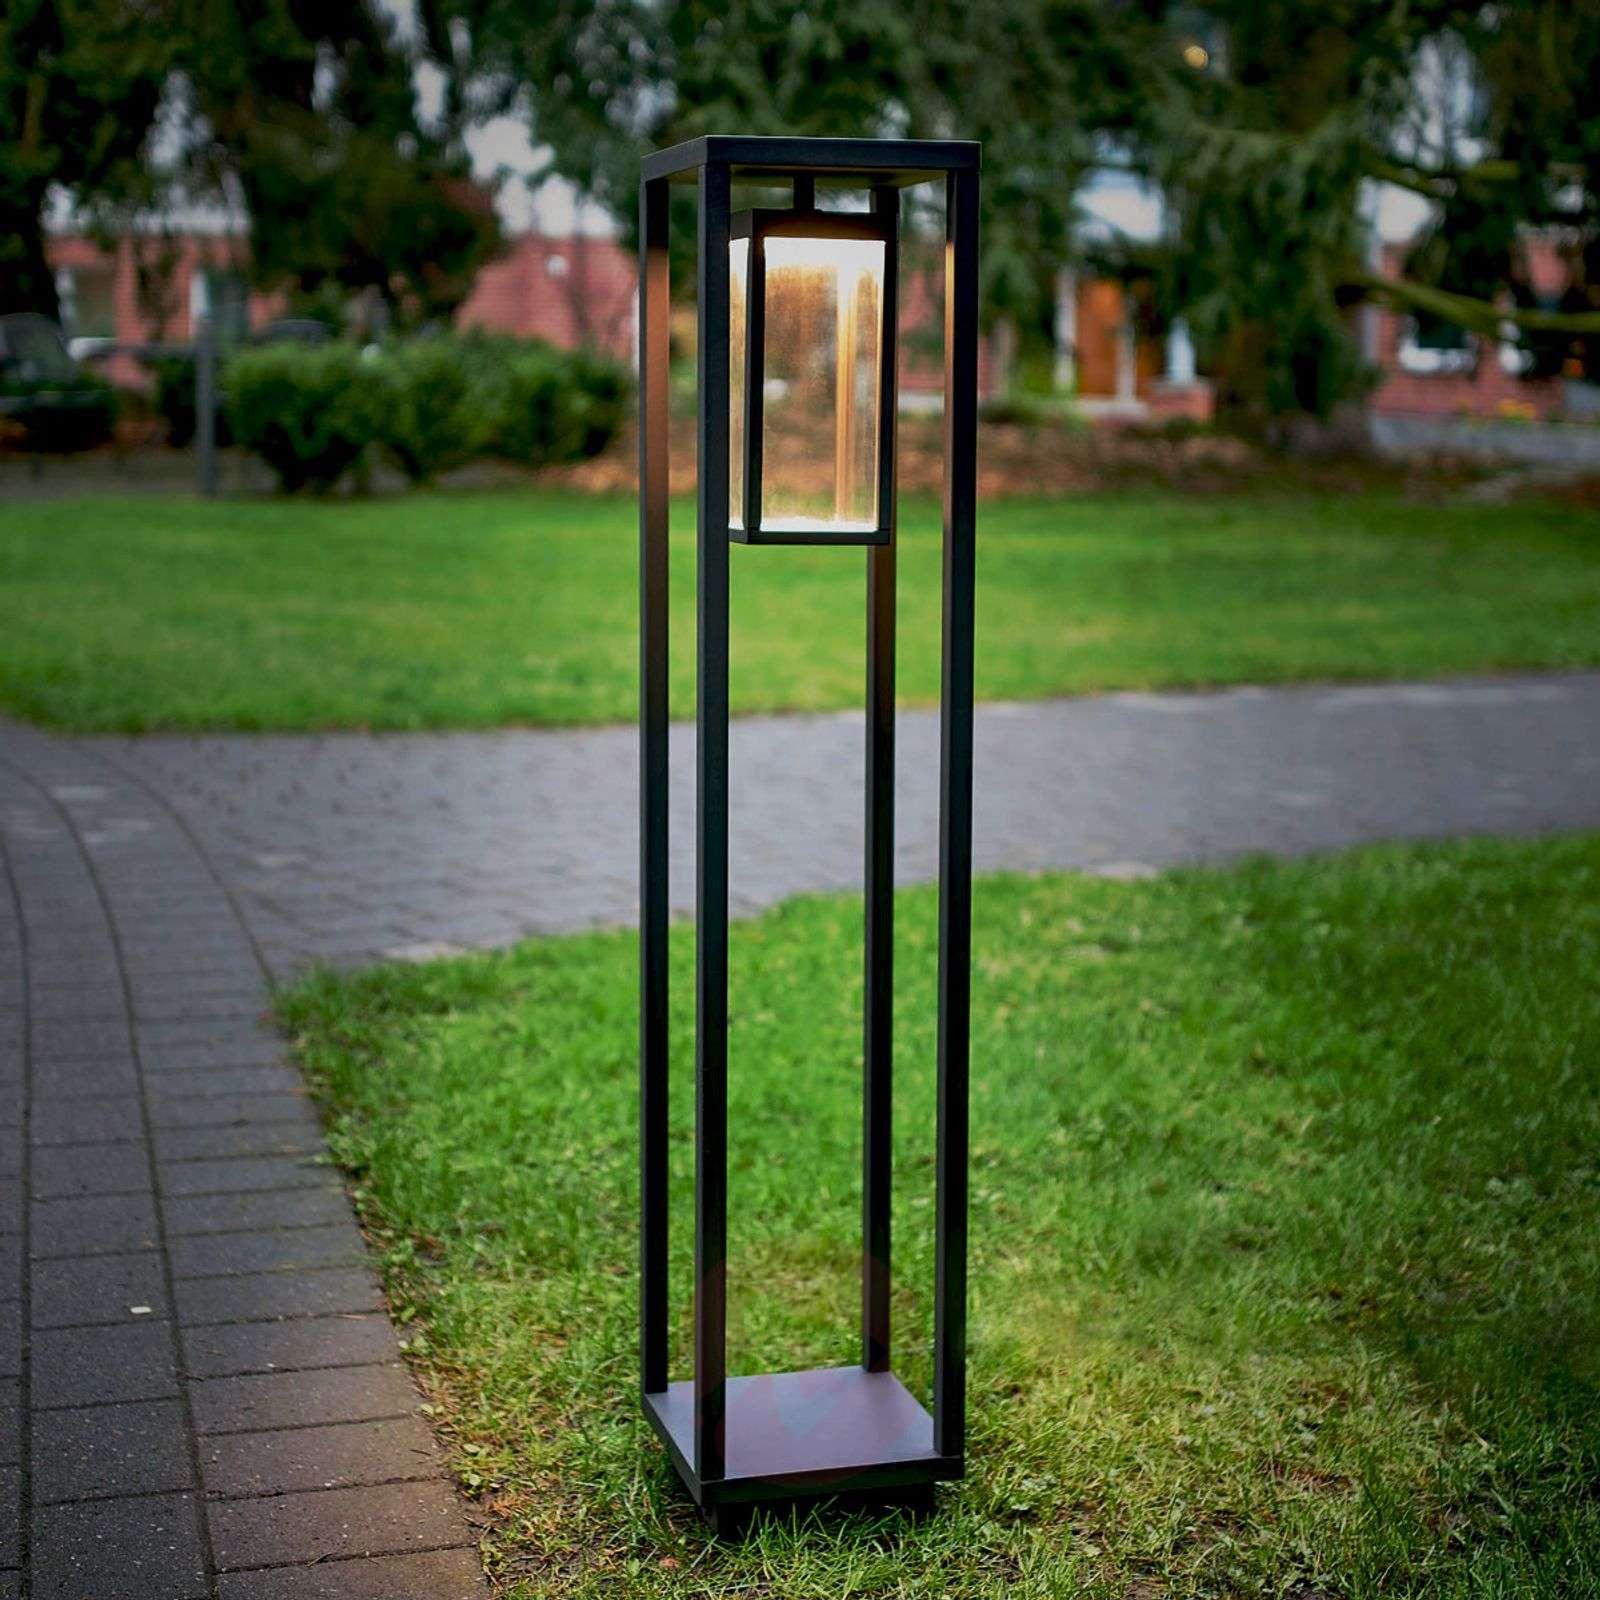 Ferdinand frame-shaped LED bollard light-9619151-02